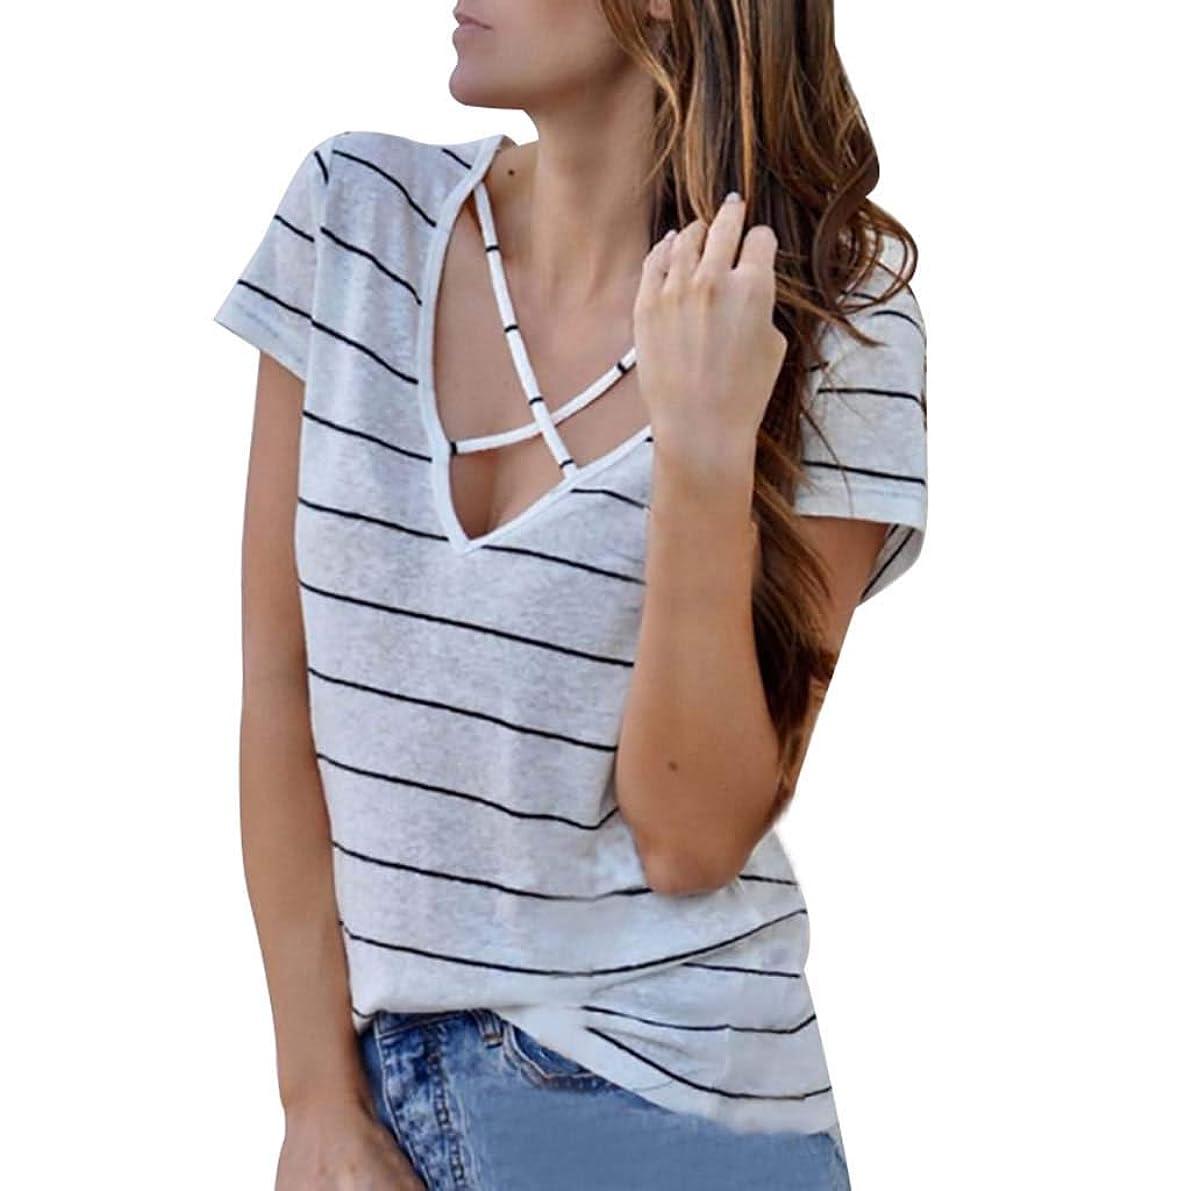 システムものリーガン女性のセクシーなVネックストライププリントシャツ、女性の半袖夏の古典的な野生のプルオーバートップ (白, S)